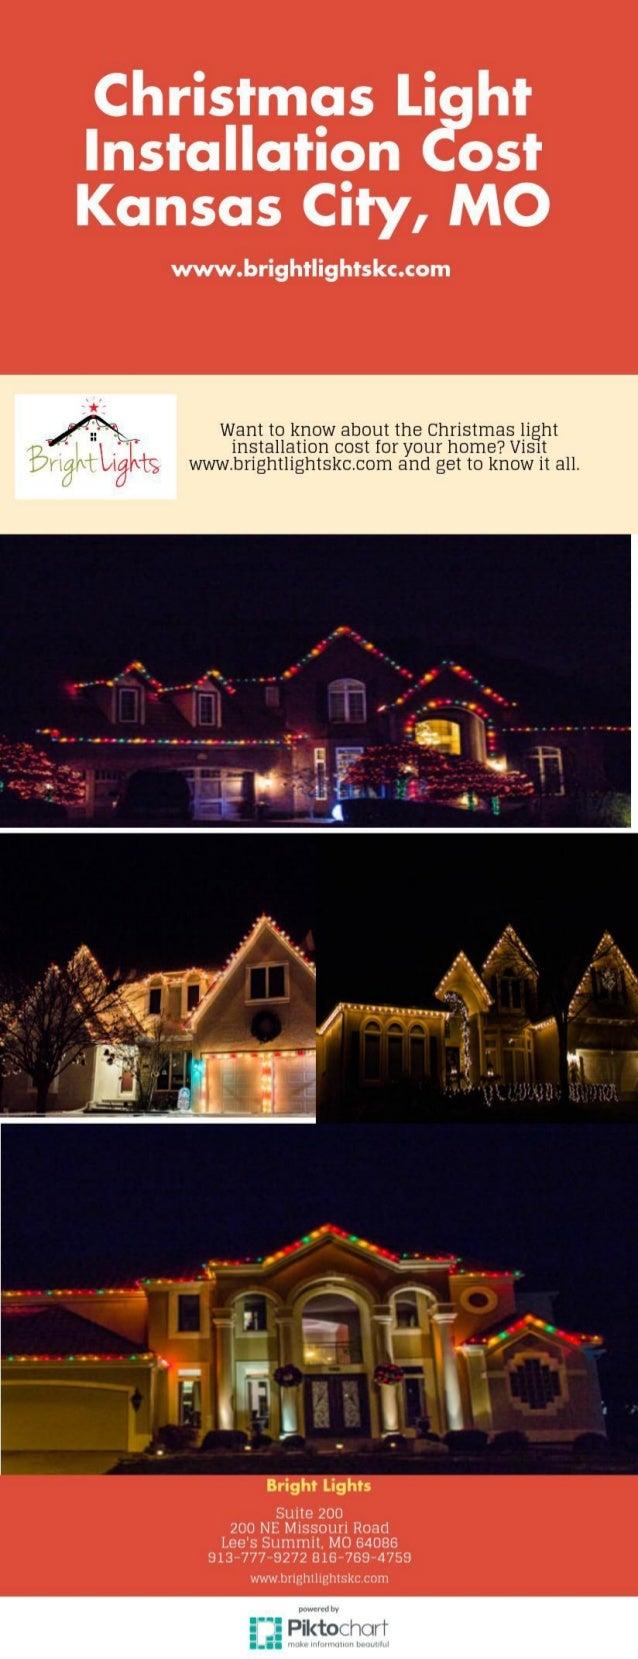 Christmas Light Installation Cost Kansas City, MO   Www.brightlightskc.com